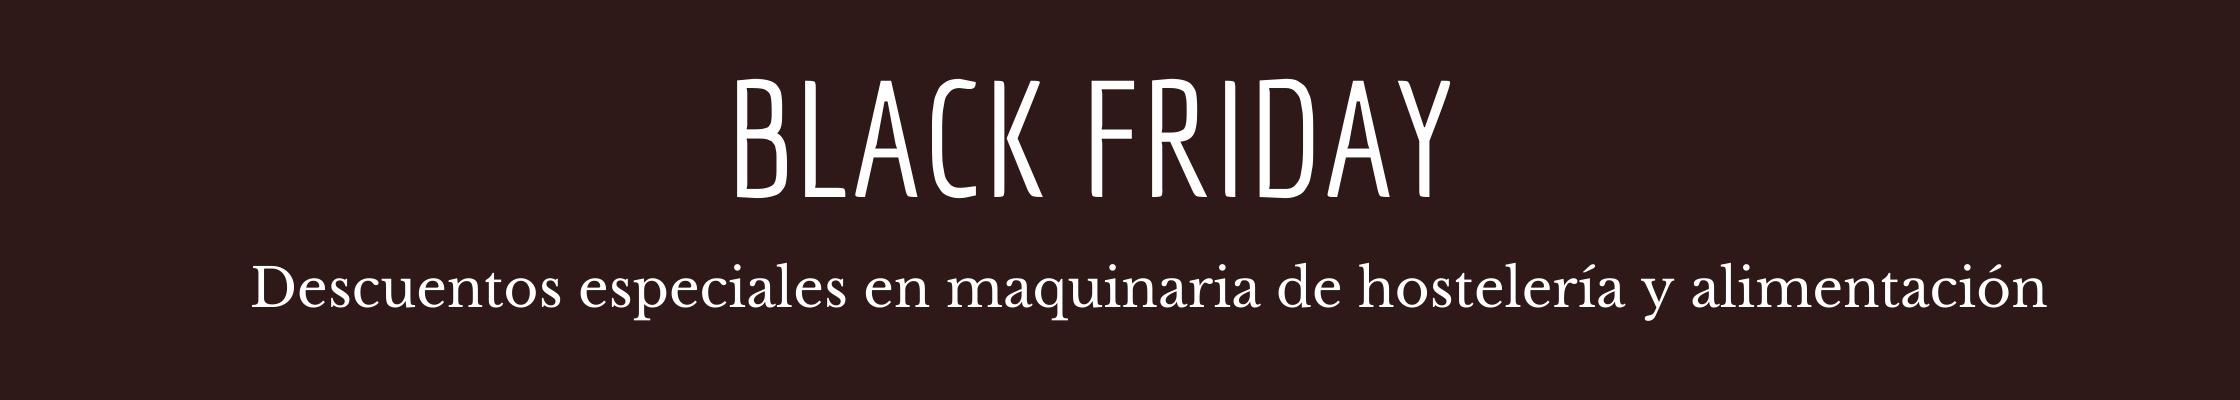 Black Friday ofertas maquinaria industrial para hostelería y alimentación